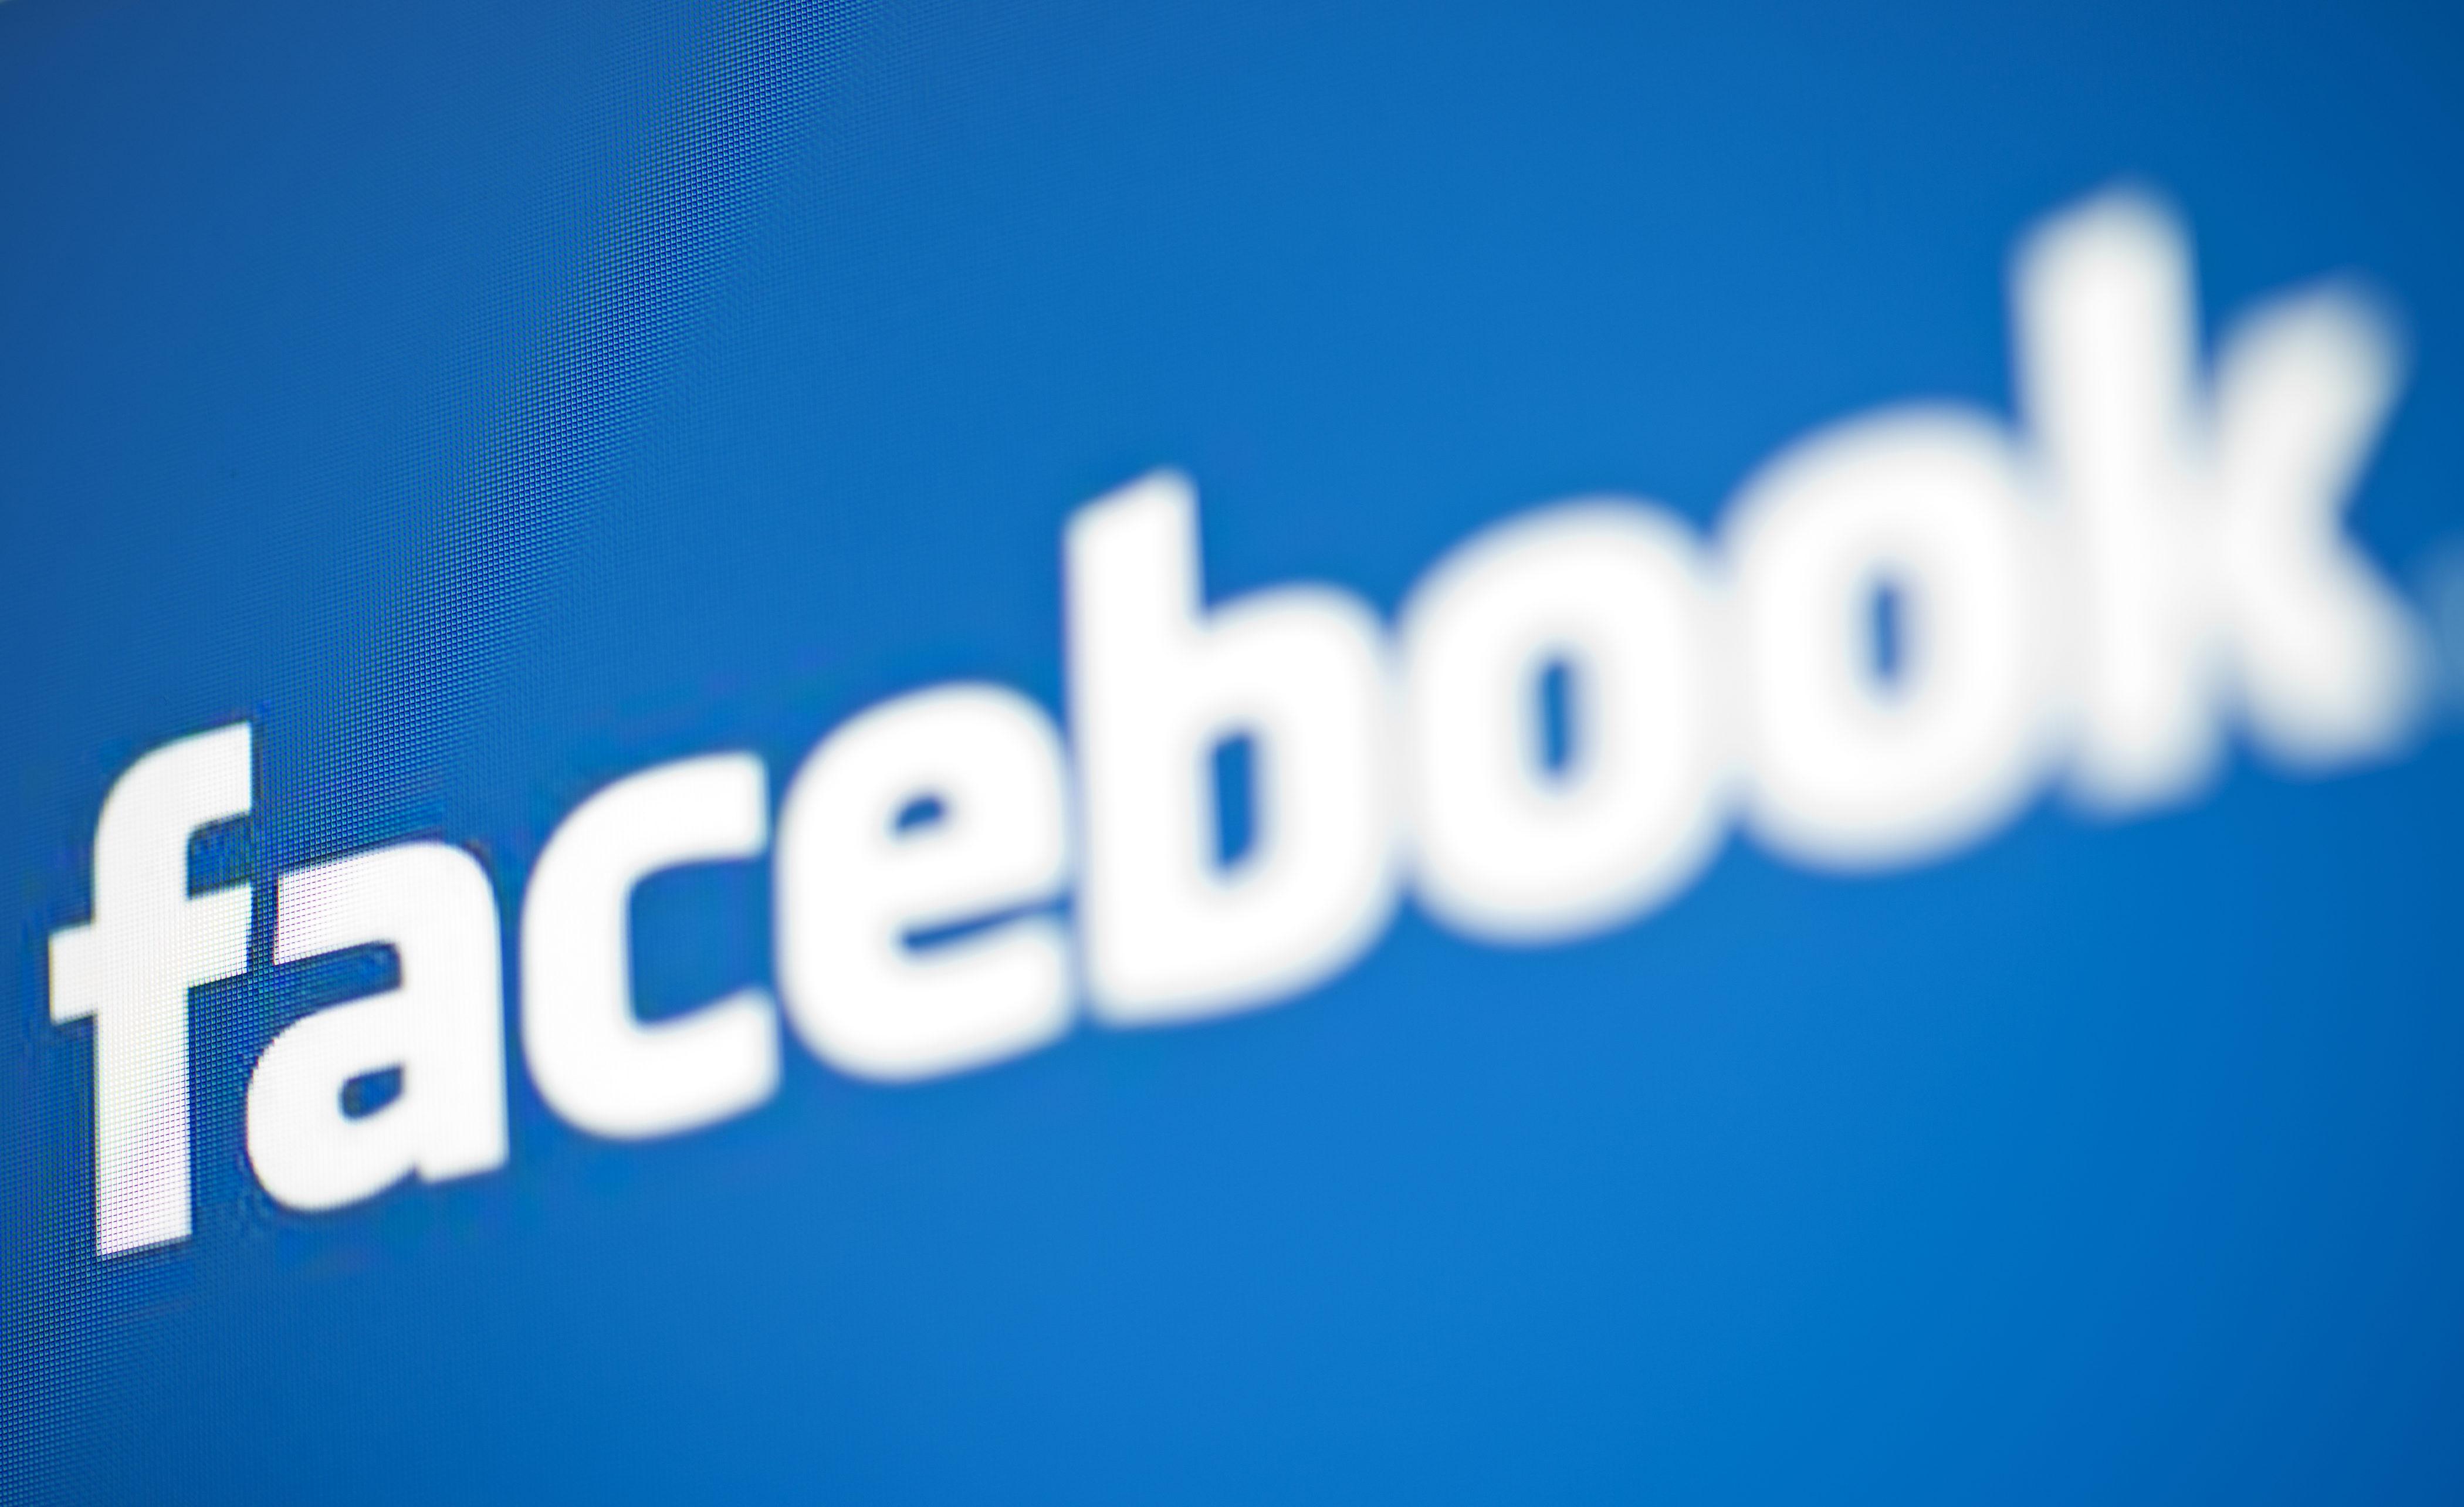 Los adolescentes se aburren de Facebook, según informe